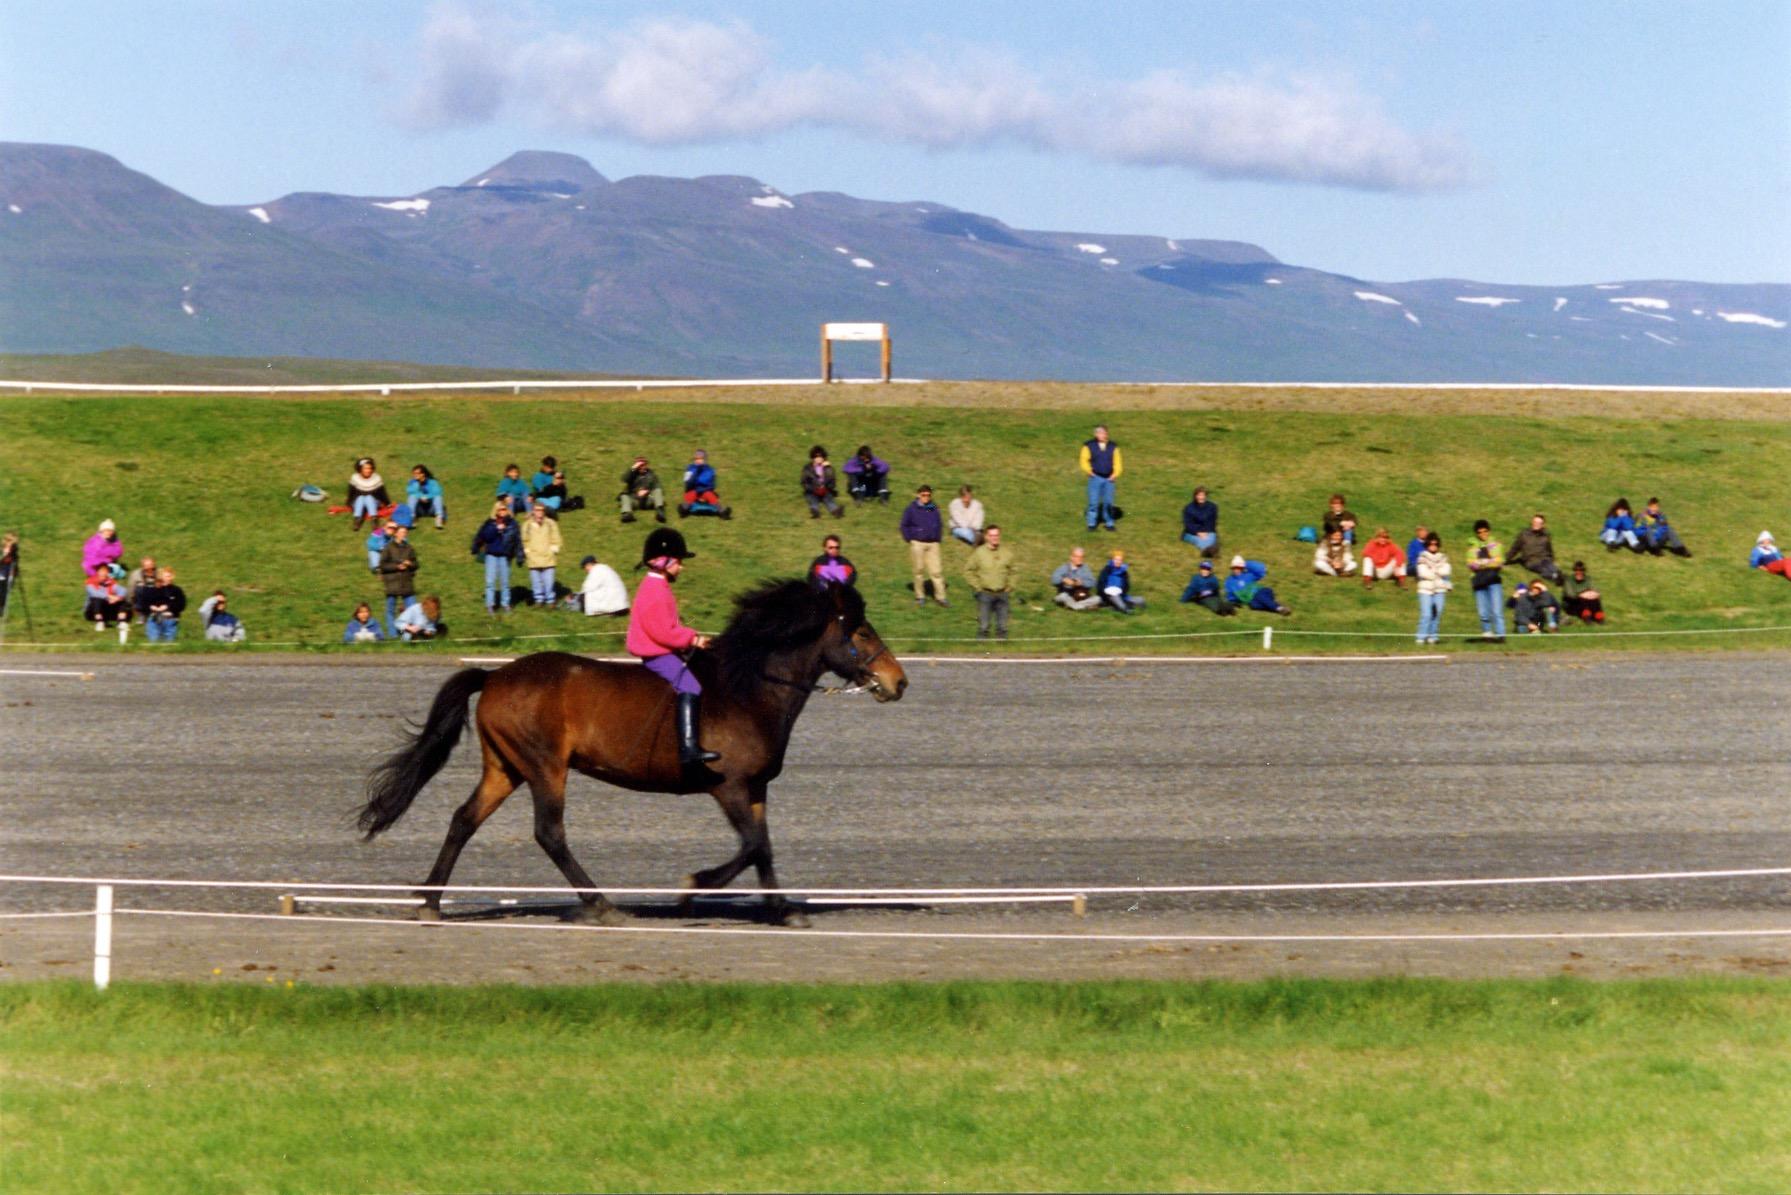 Heidrun som 7-åring på Gunni frá Saurbaer. De var med på en Hestasport show, där man visade turister islandshästen.